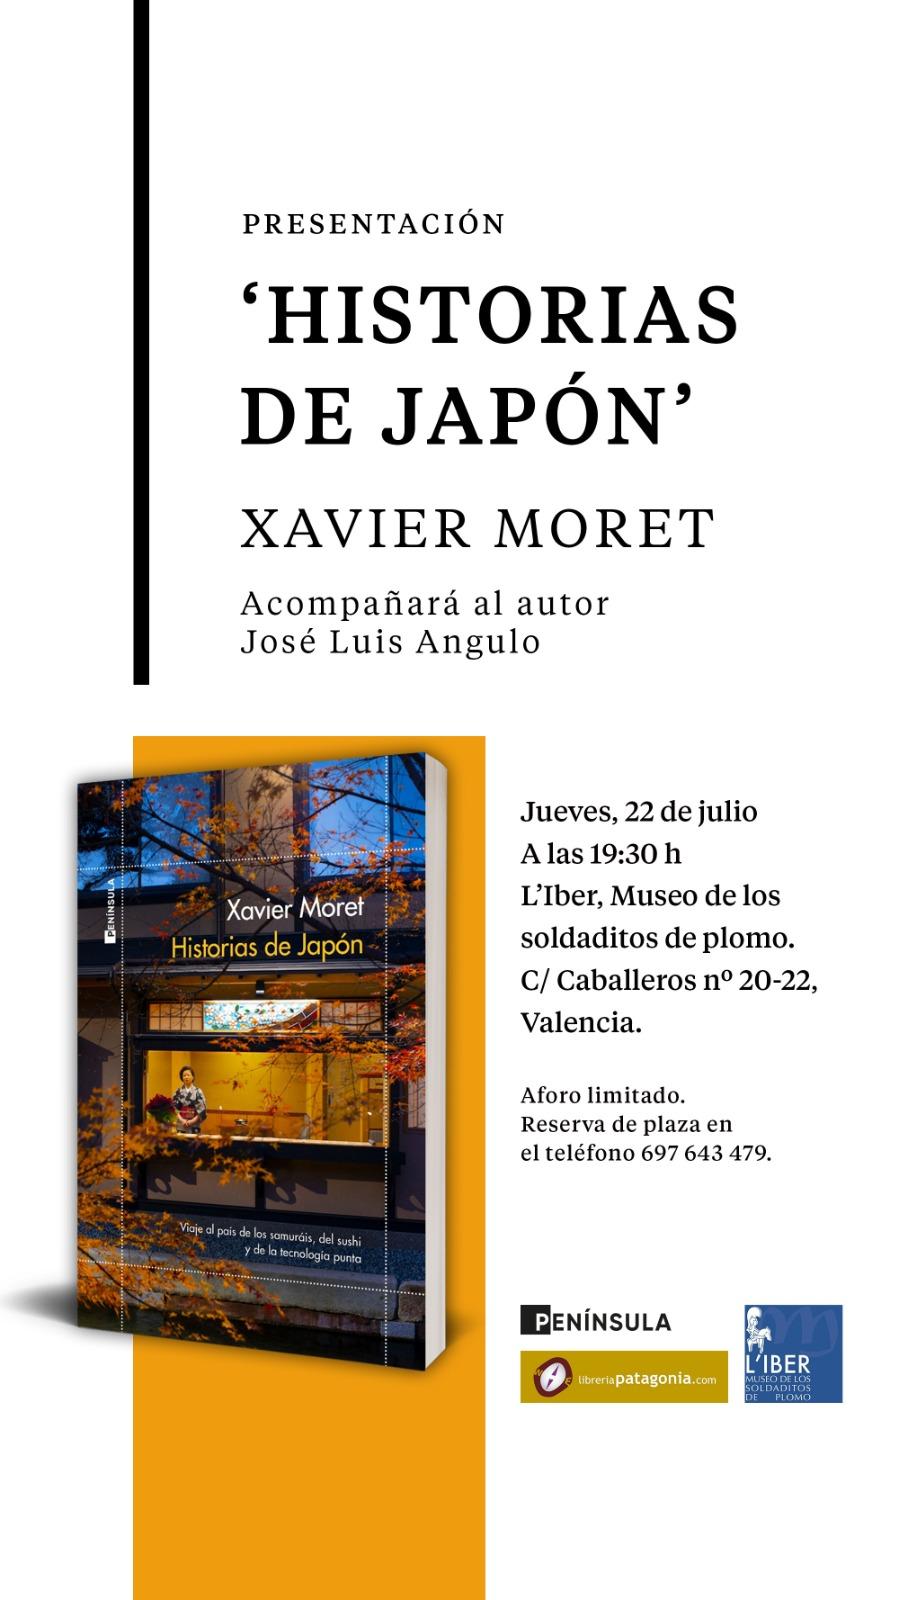 Historias de Japón: viaje por el país de los samuráis, del sushi y de la tecnología punta, escrita por Xavier Moret. El próximo 22 de Julio en L'Iber